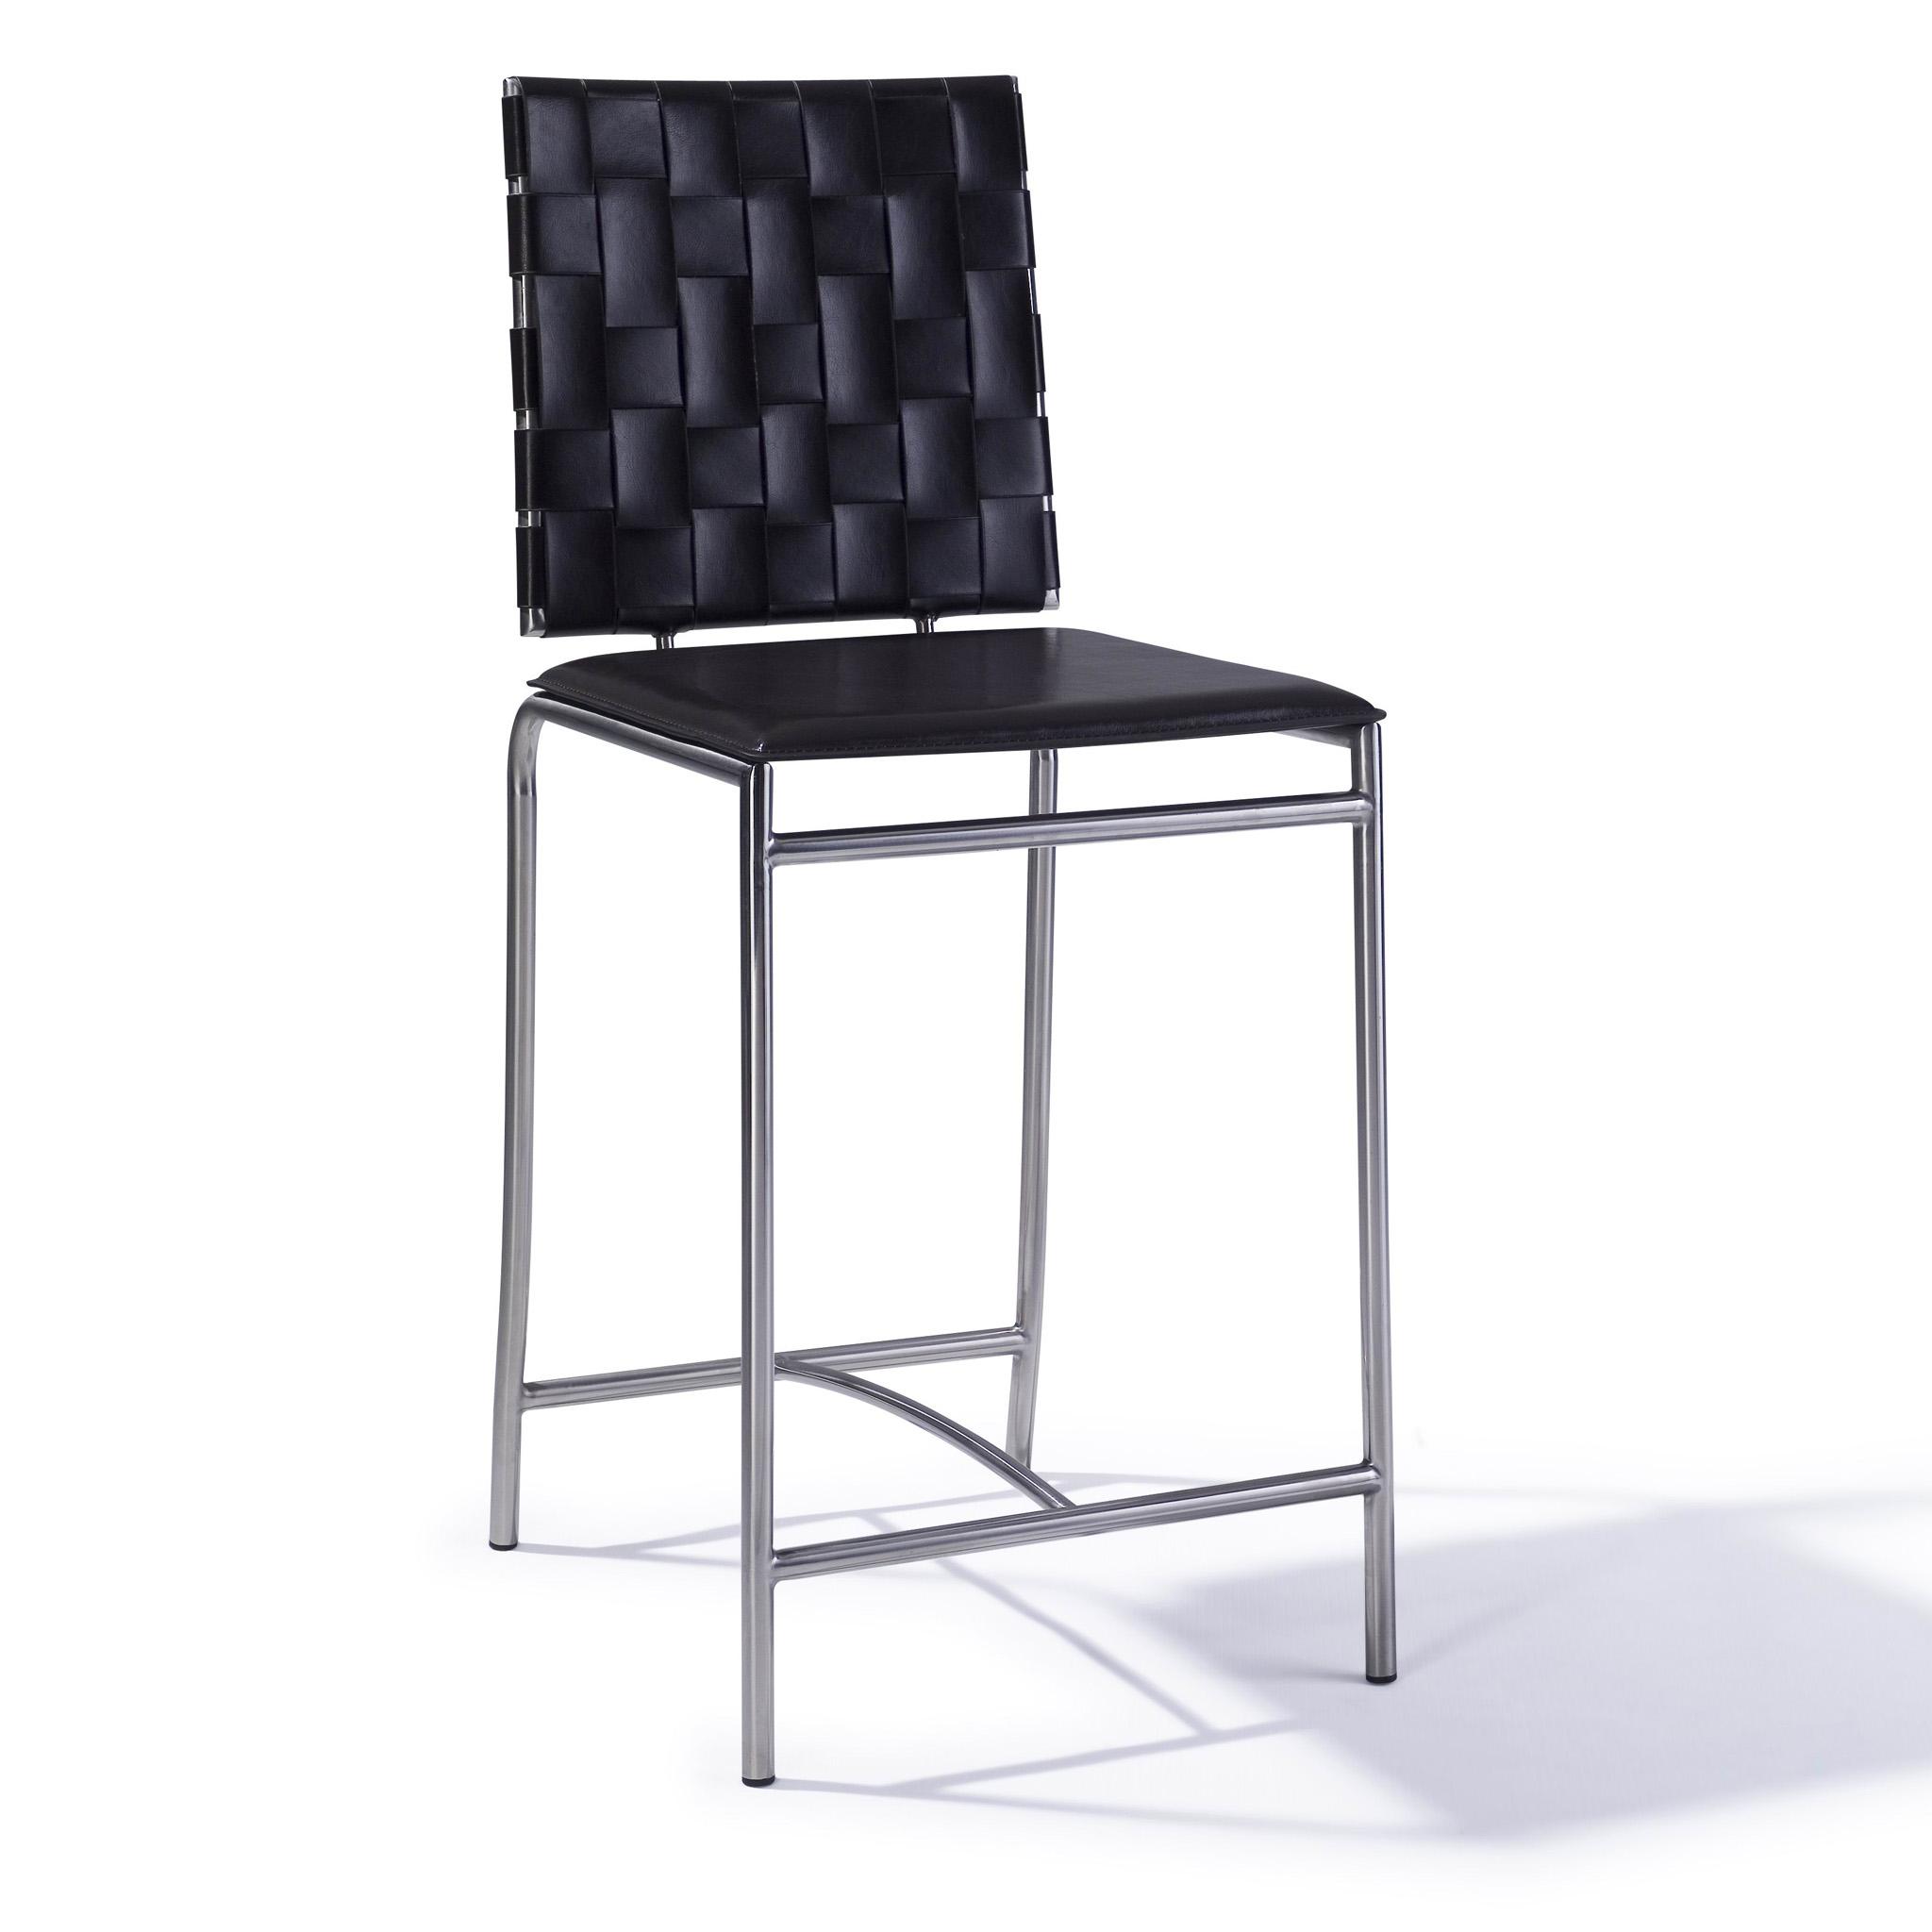 出口美国 简约时尚欧式现代真皮不锈钢酒吧椅 中吧台椅子 高餐椅图片